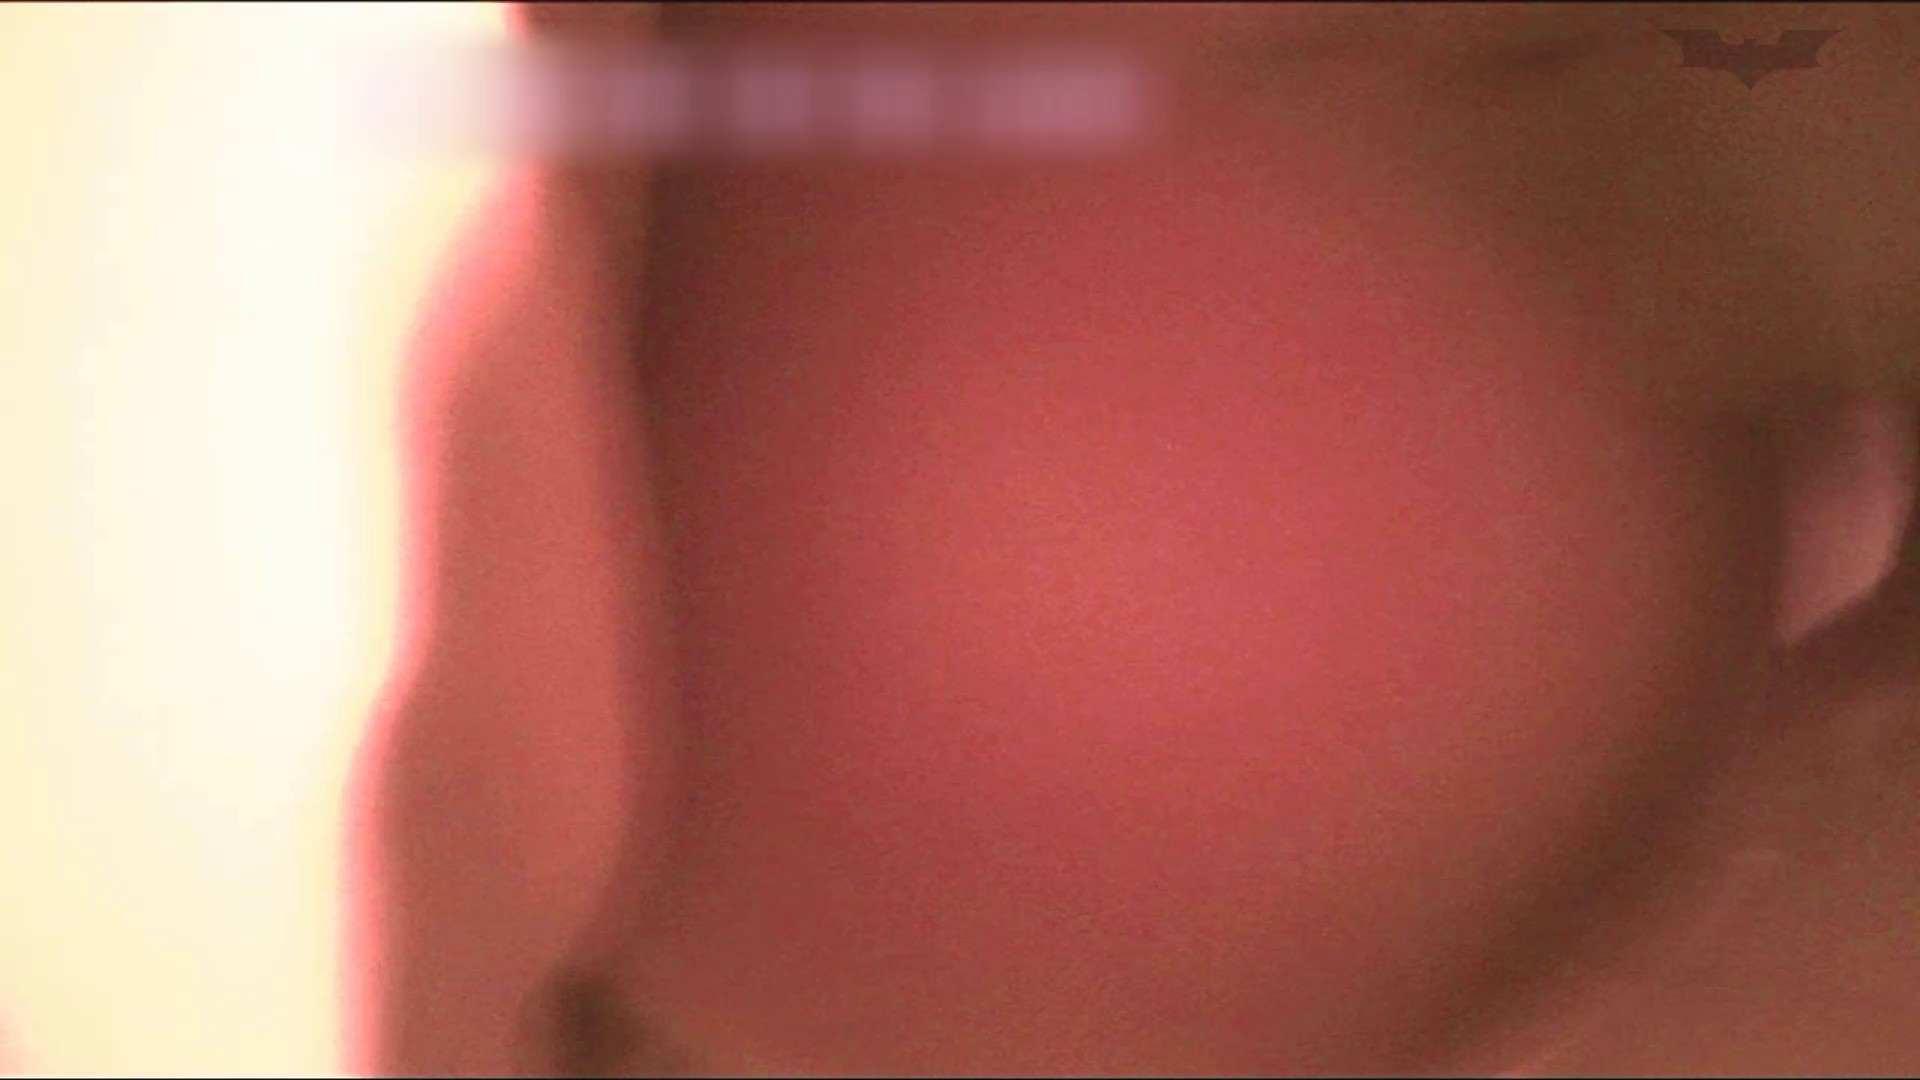 ▲2017_12位▲ 学園アイドル美人女子大生❷(上巻)計5人詰合せVol.50 OL女体 すけべAV動画紹介 69連発 38